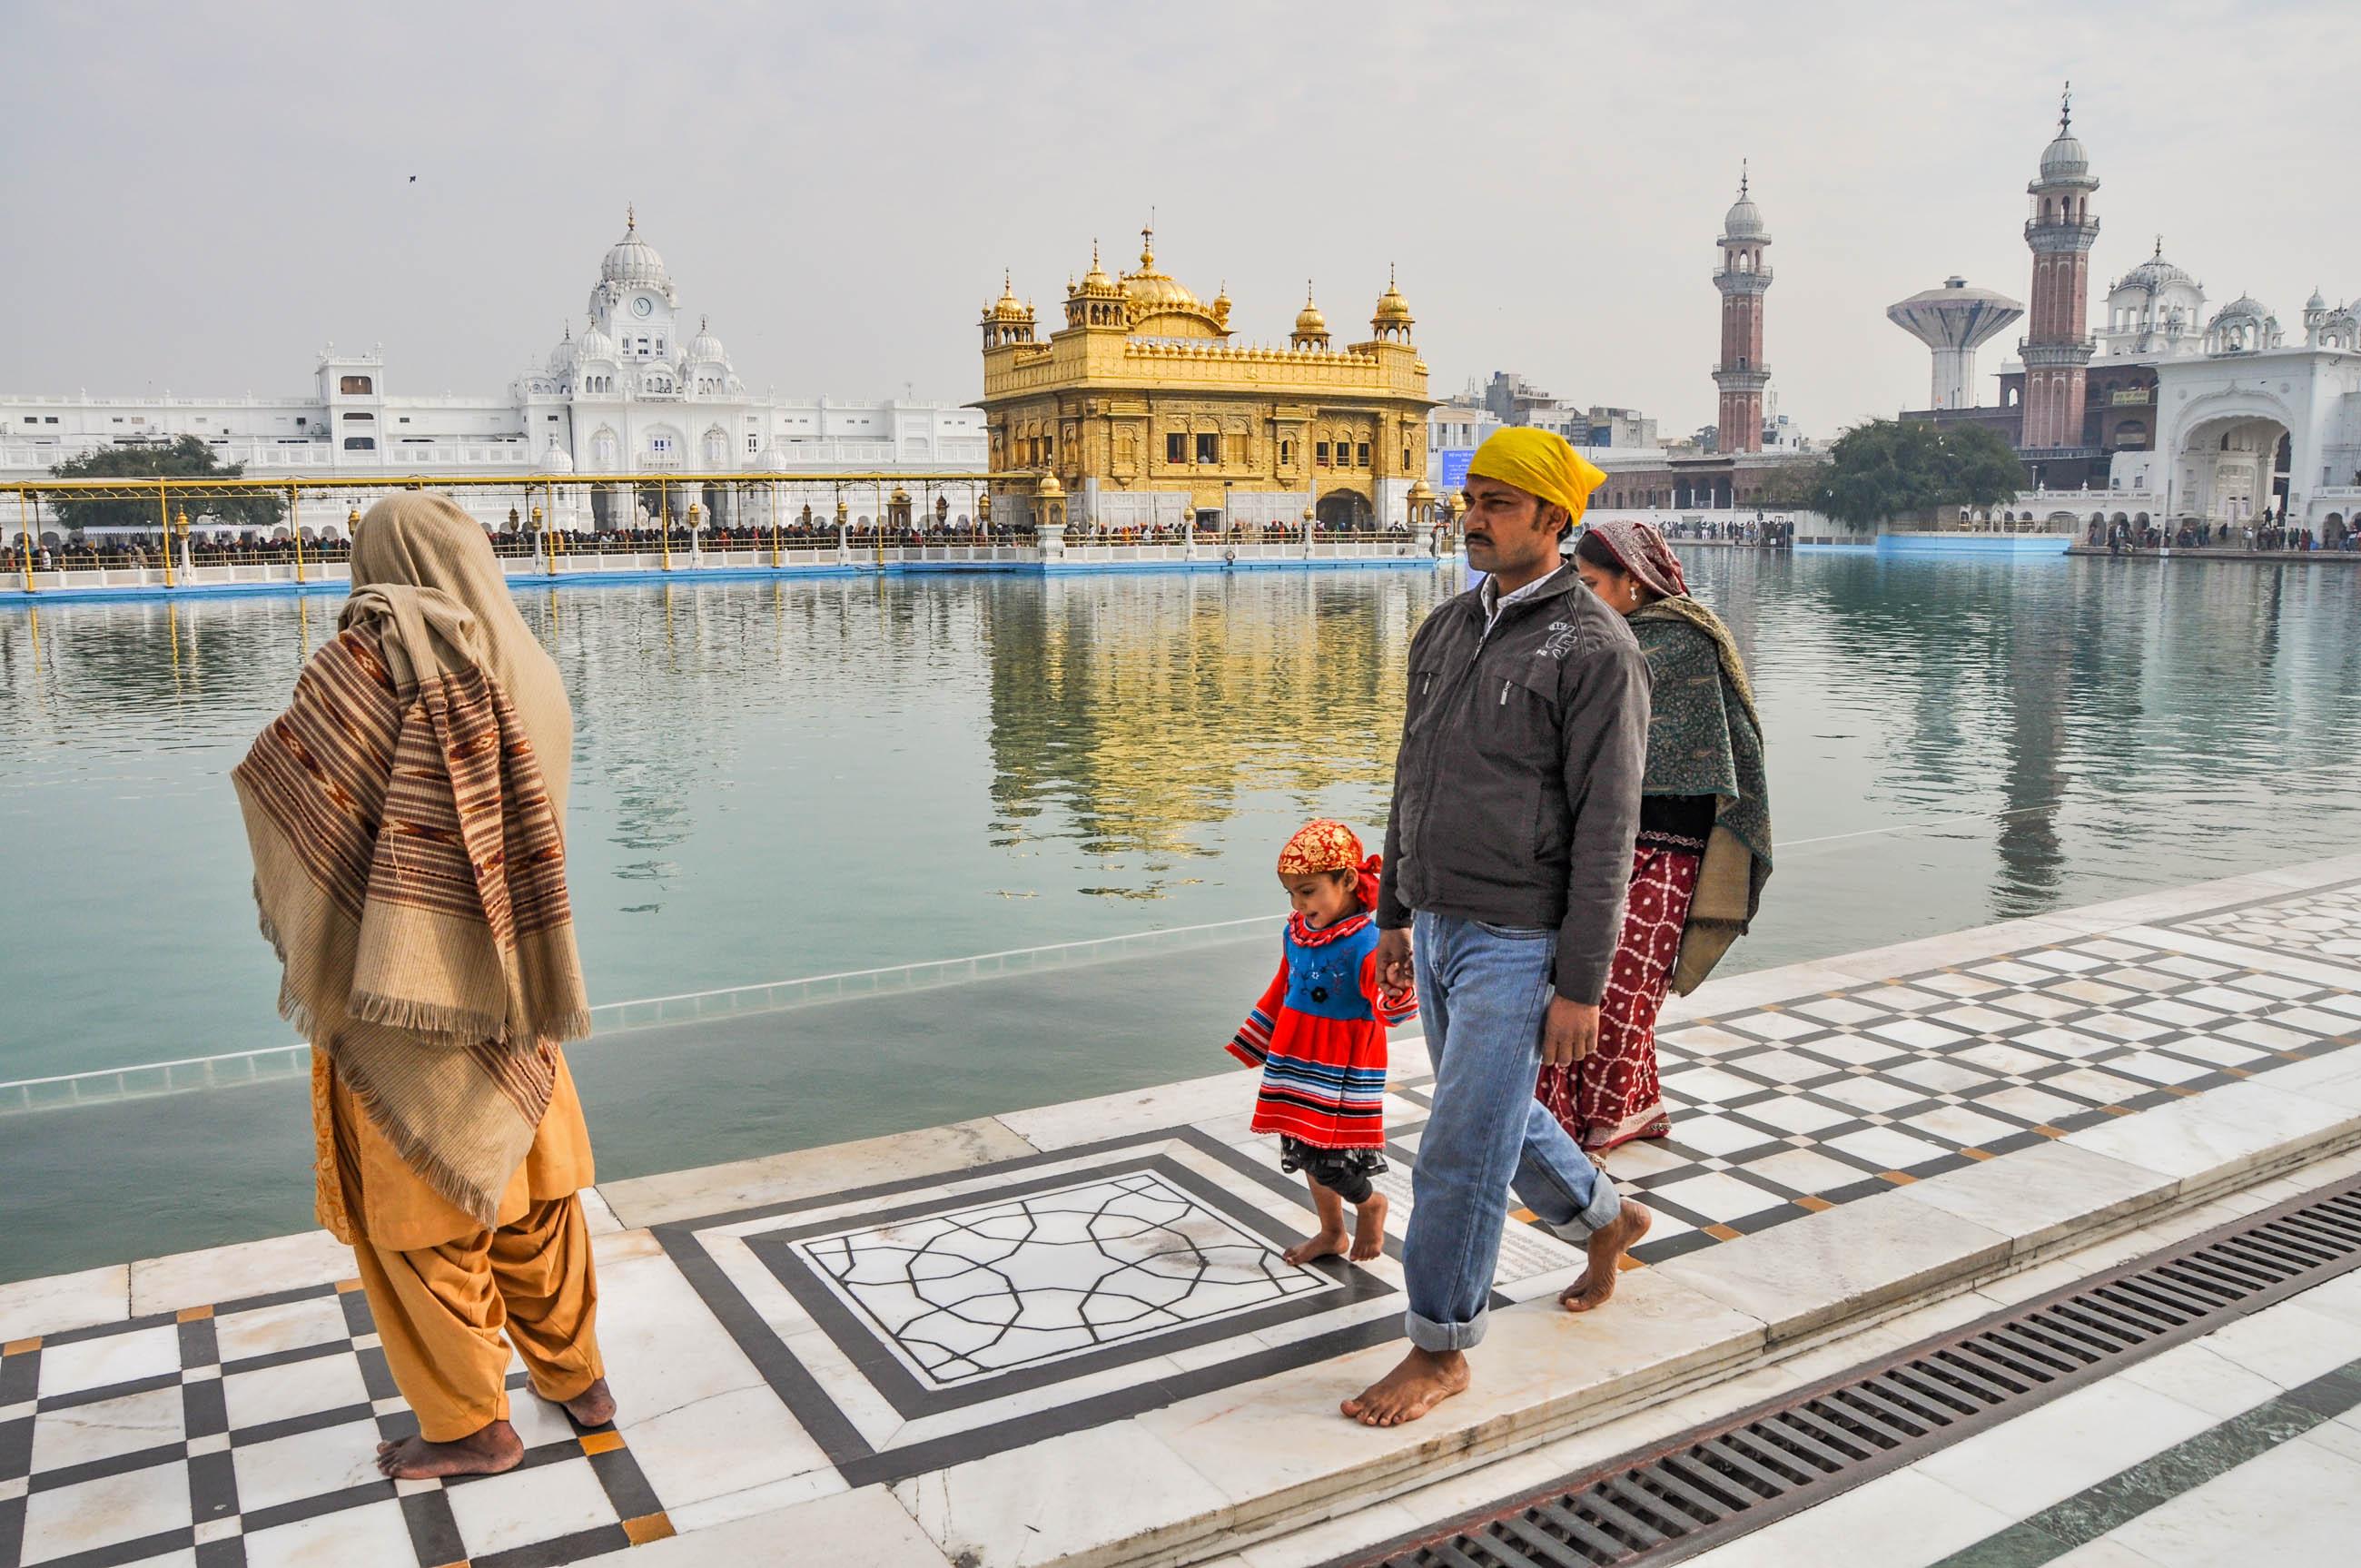 https://bubo.sk/uploads/galleries/4920/tomas_kubus_india_amritsar_dsc_0134.jpg